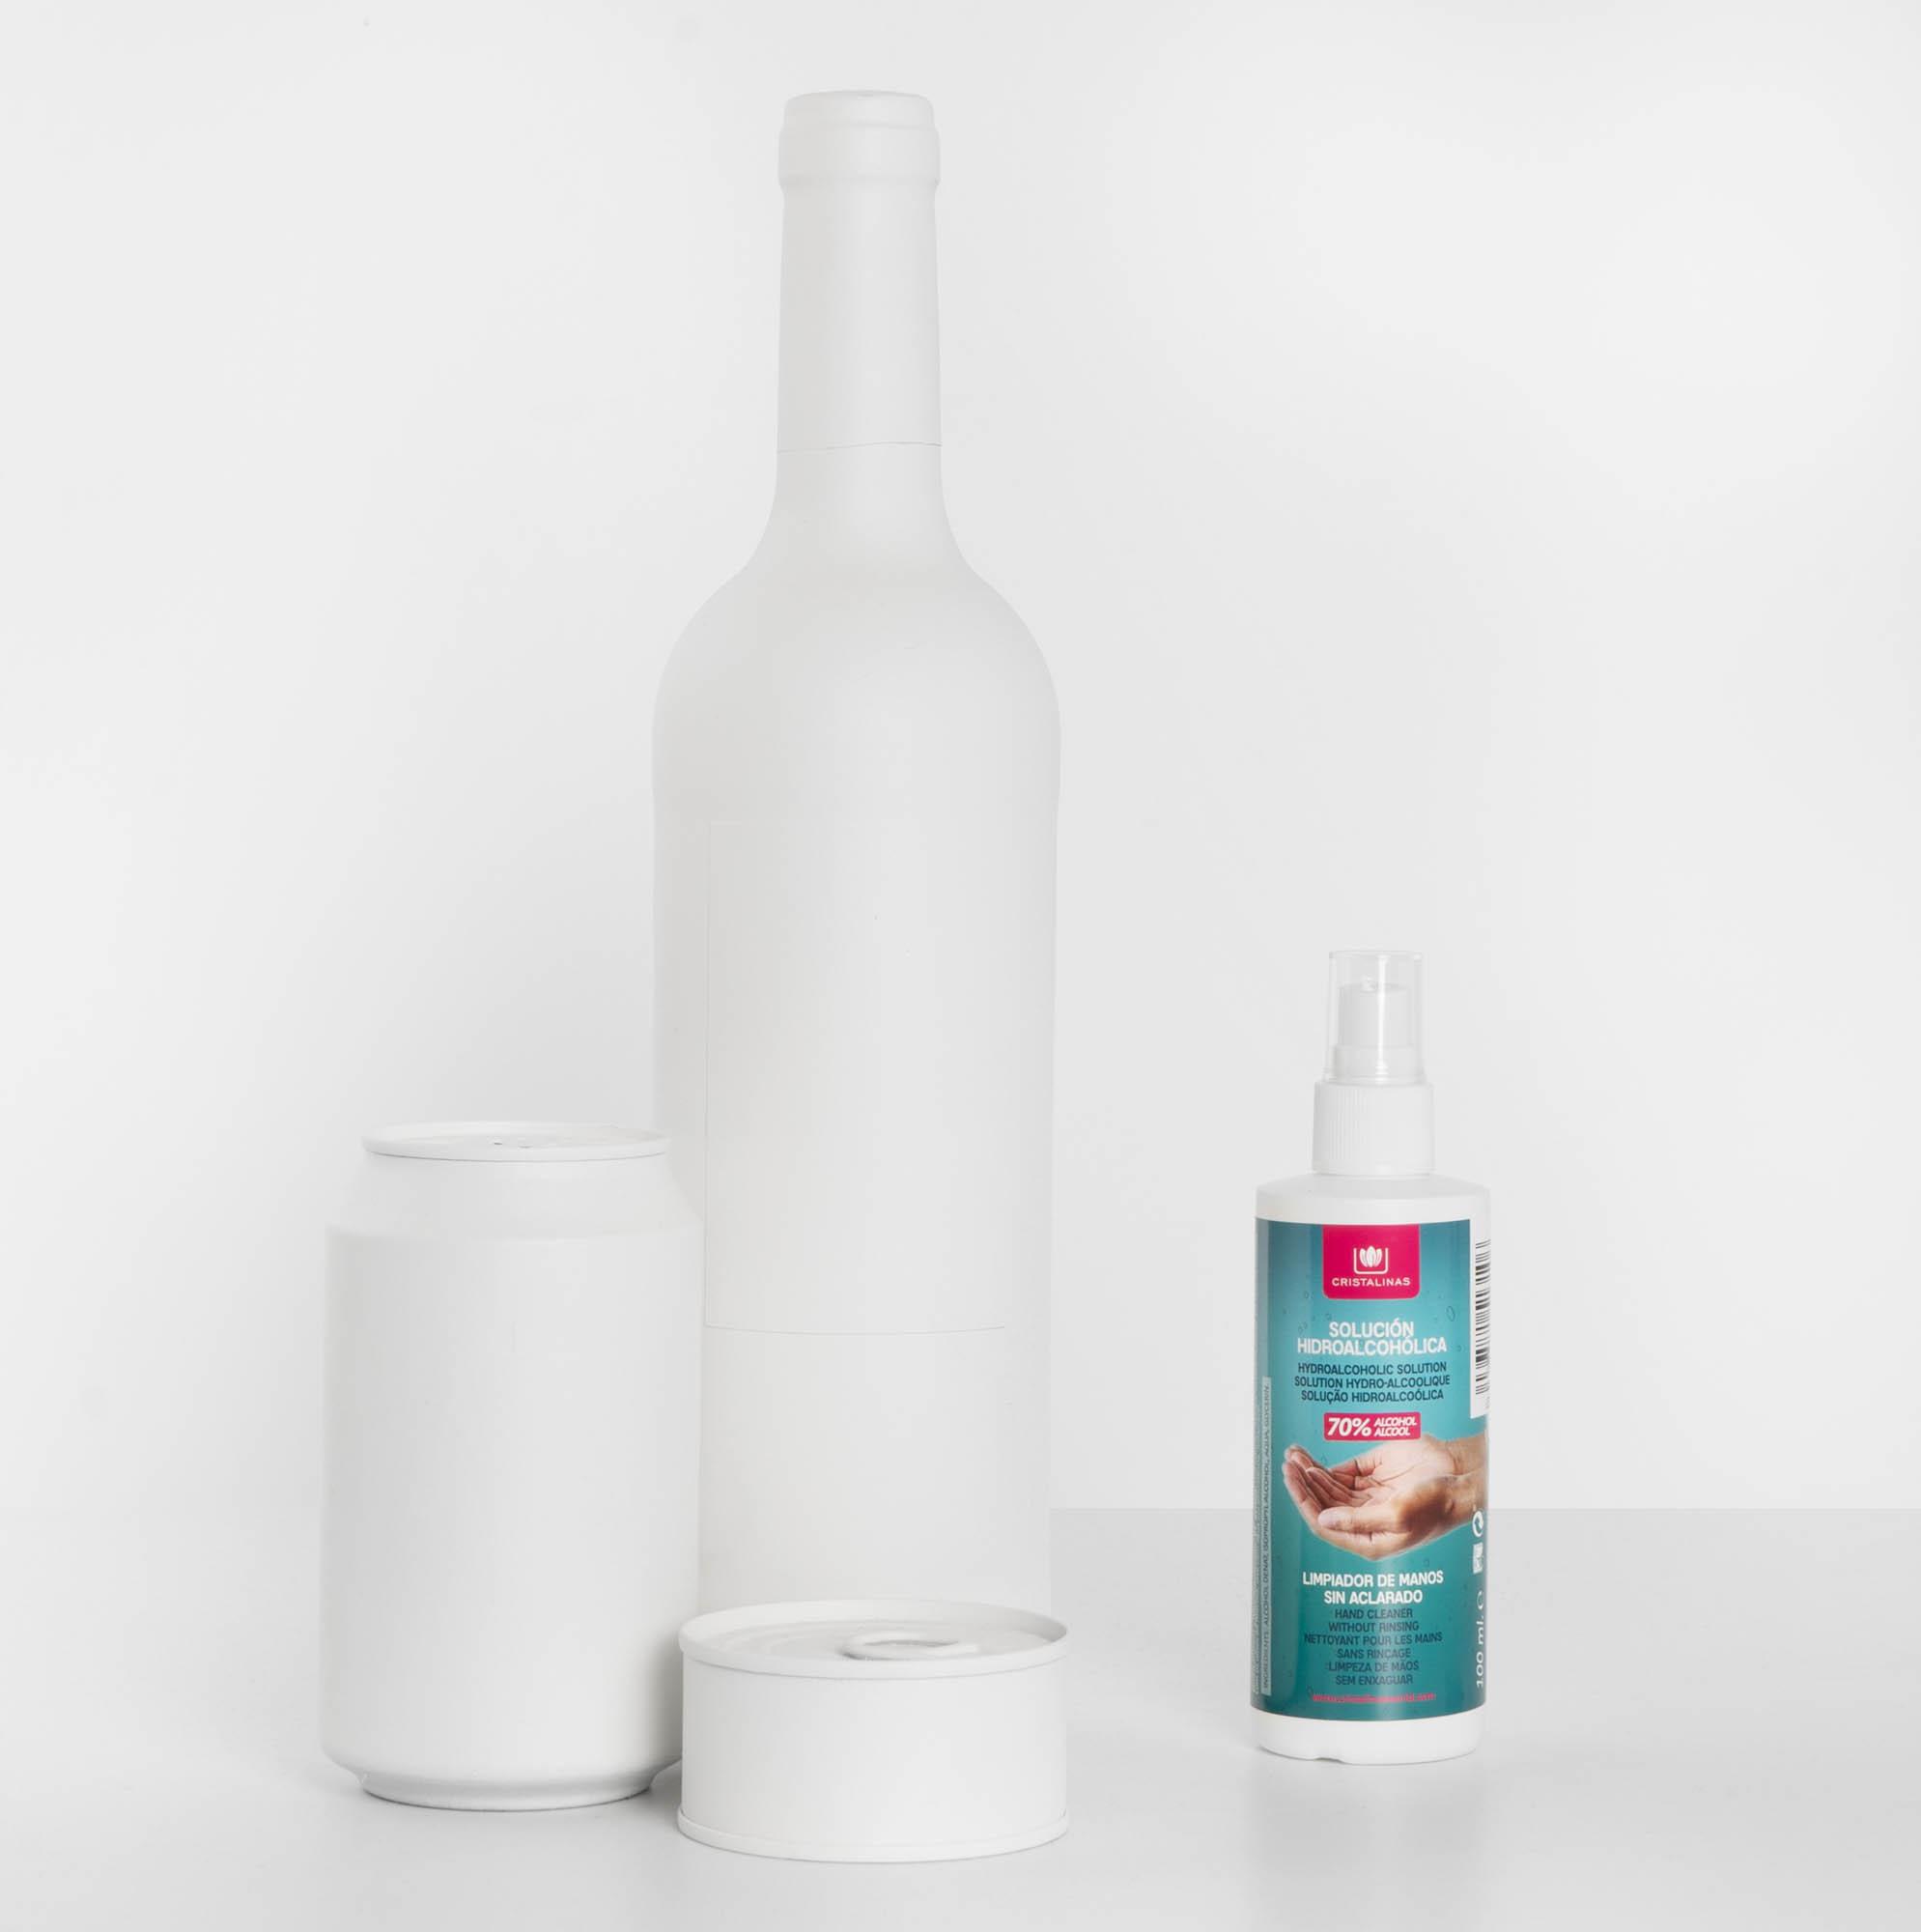 Tamaño Spray Manos Cristalinas